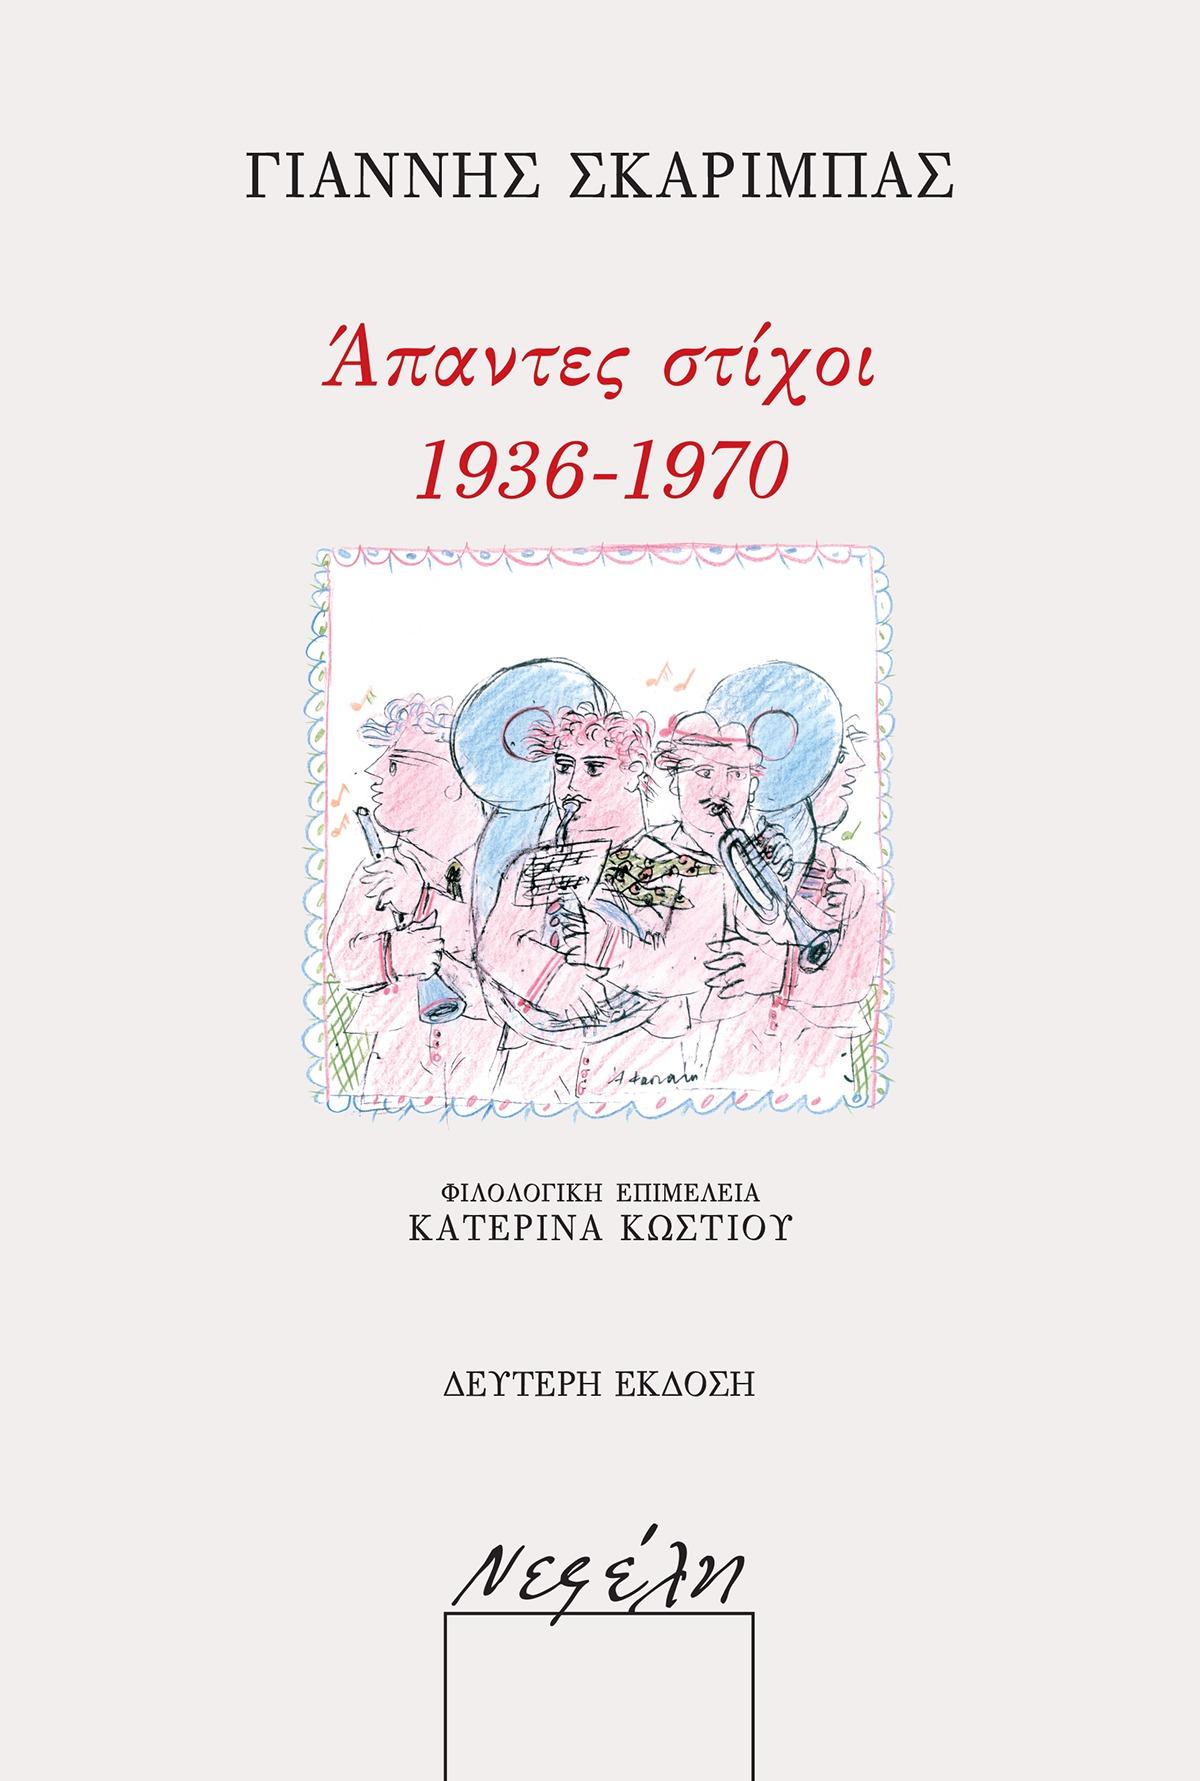 Άπαντες στίχοι 1936-1970 Γιάννης Σκαρίμπας Νεφέλη Νέα έκδοση 2016 φιλολογική επιμέλεια Κατερίνα Κωστίου